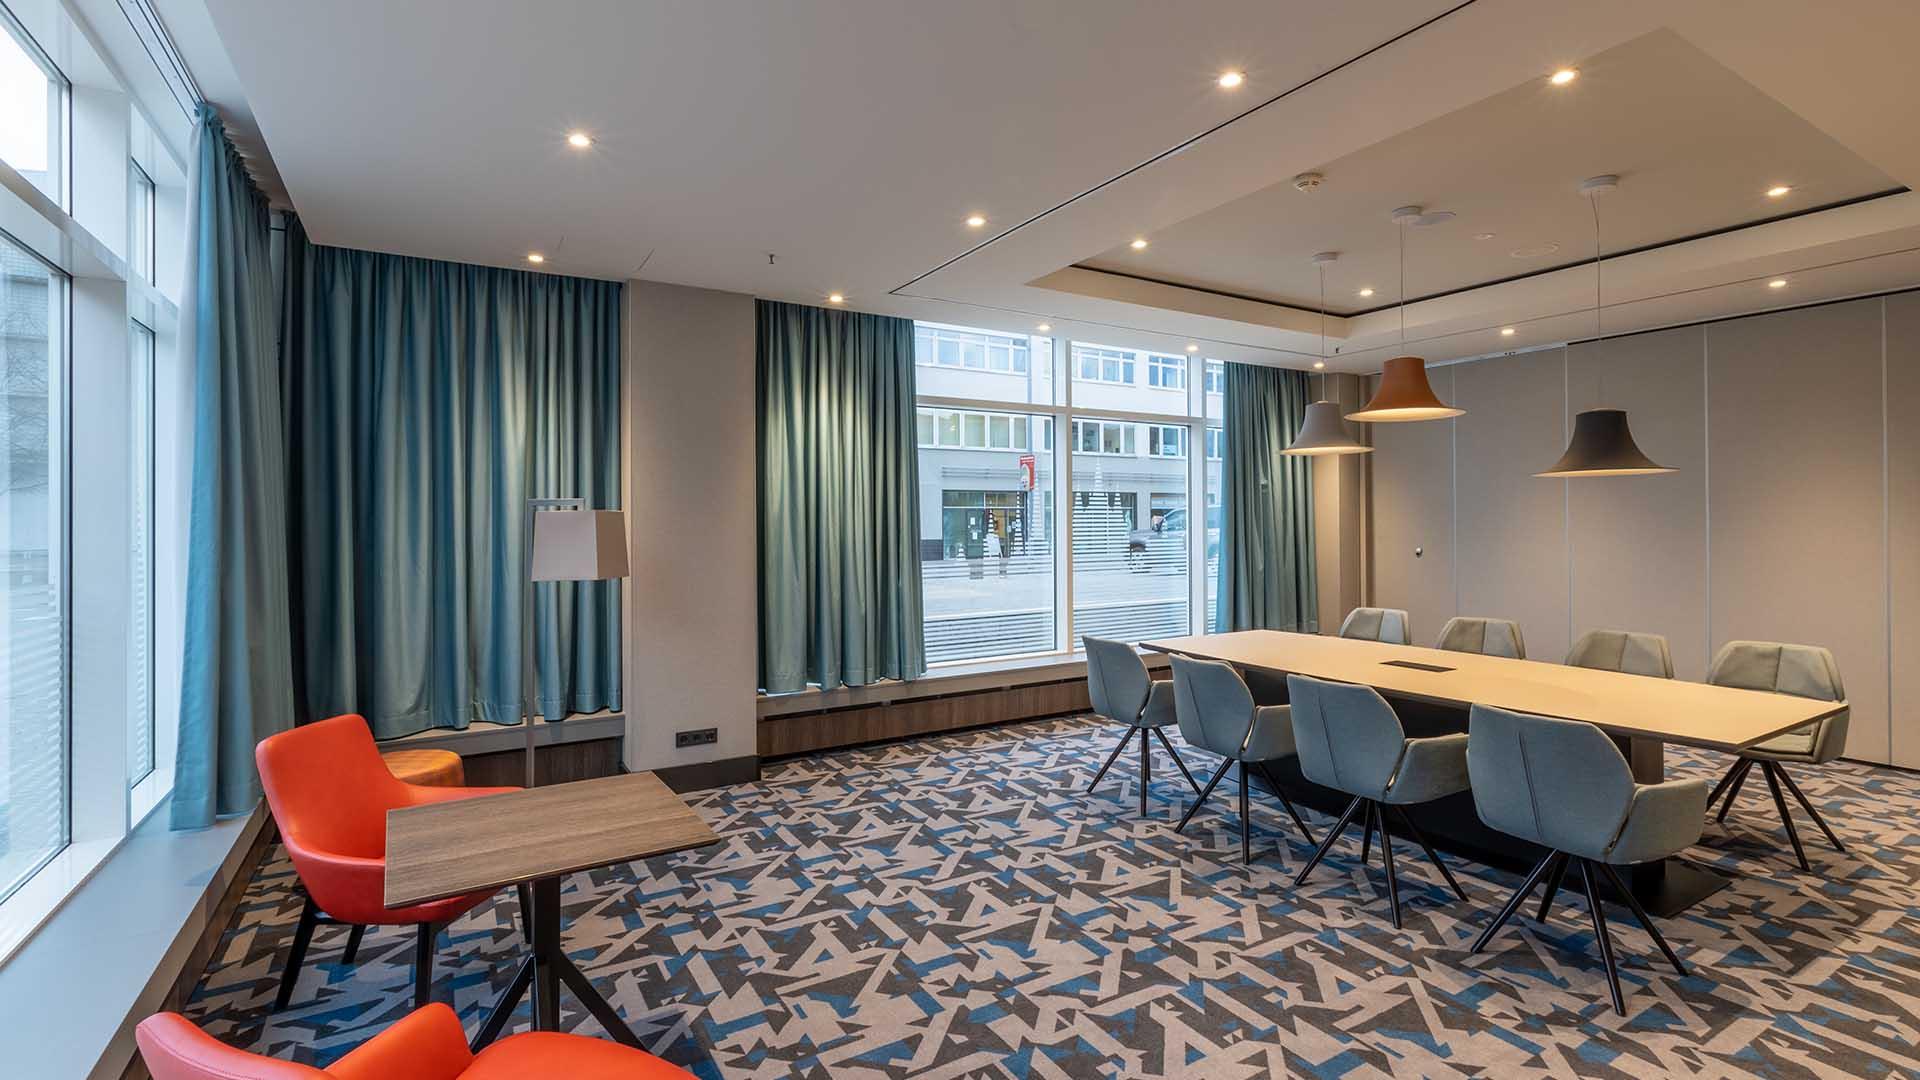 Ground Floor 2 Boardrooms_1920x1080